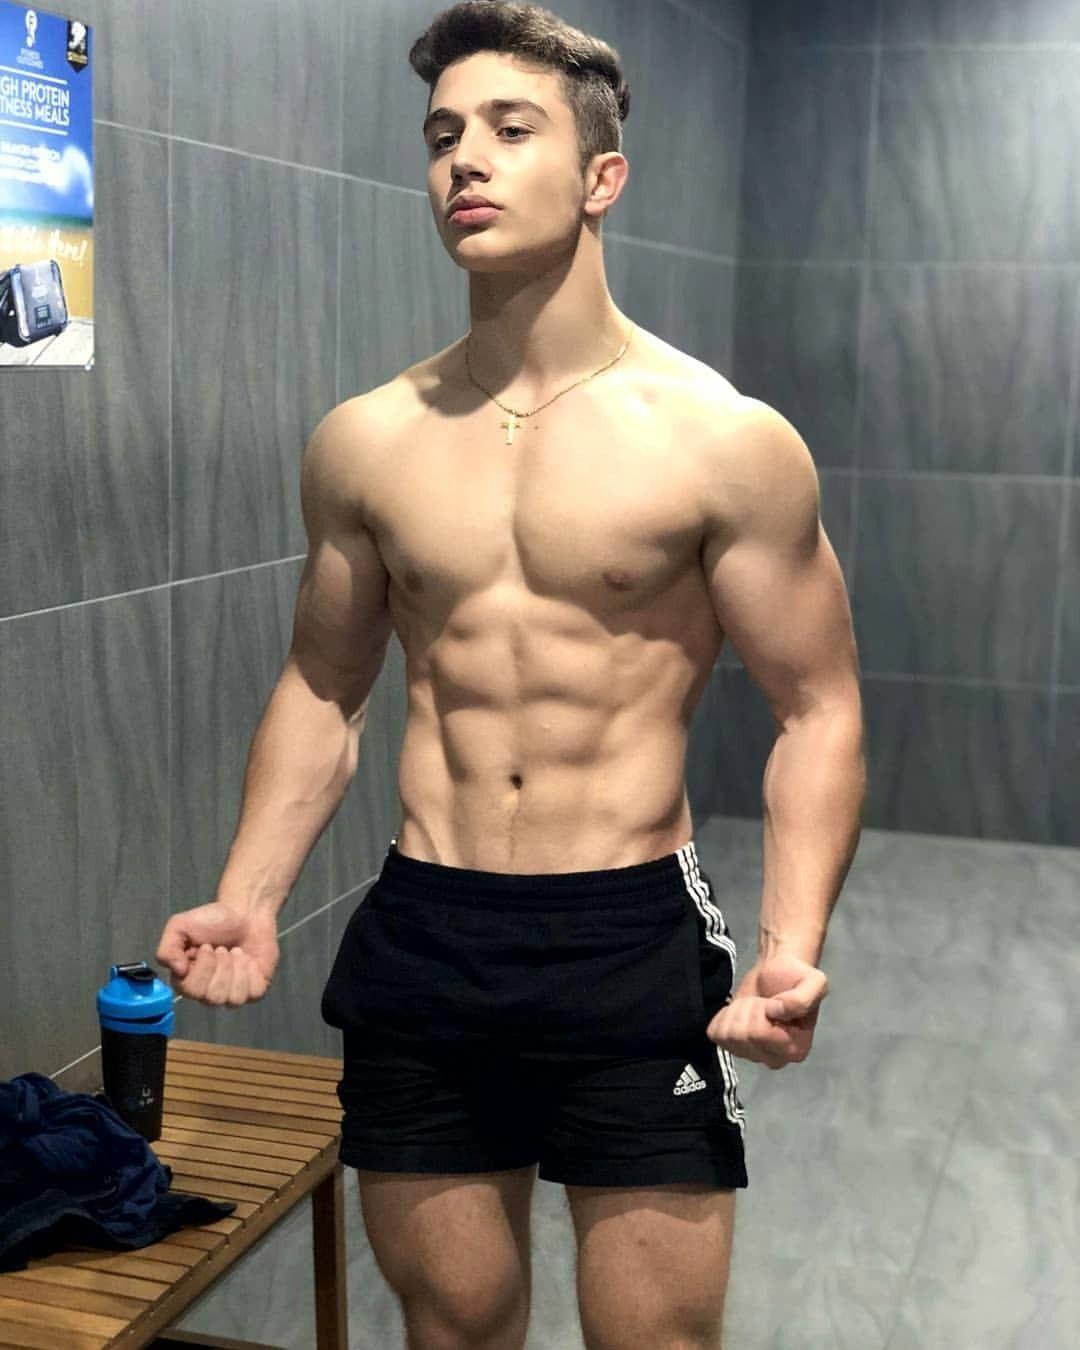 Workout Boyz' sexy Coach